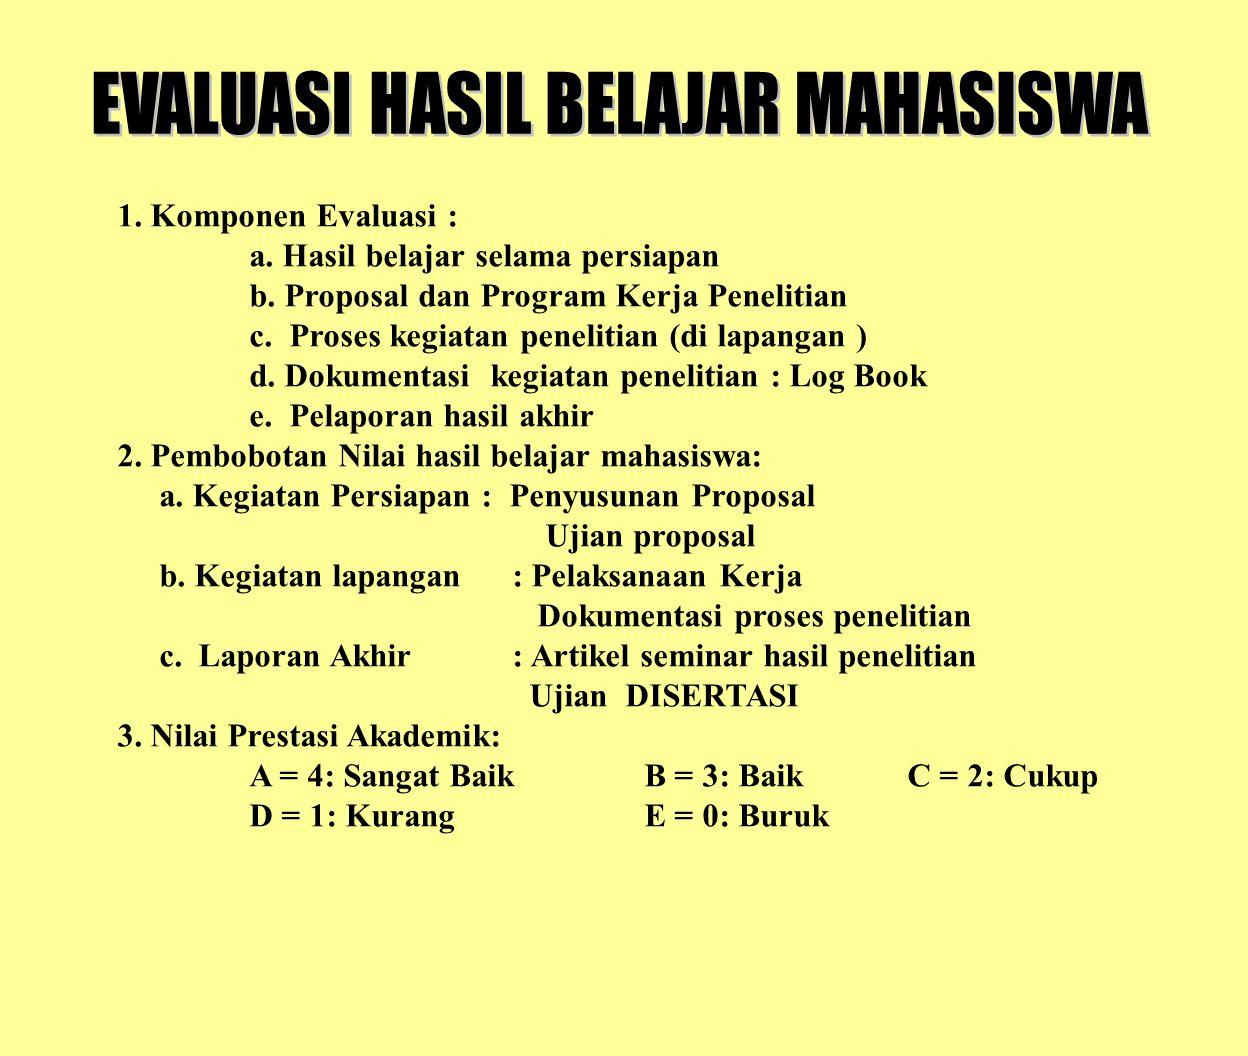 1. Komponen Evaluasi : a. Hasil belajar selama persiapan b. Proposal dan Program Kerja Penelitian c. Proses kegiatan penelitian (di lapangan ) d. Doku